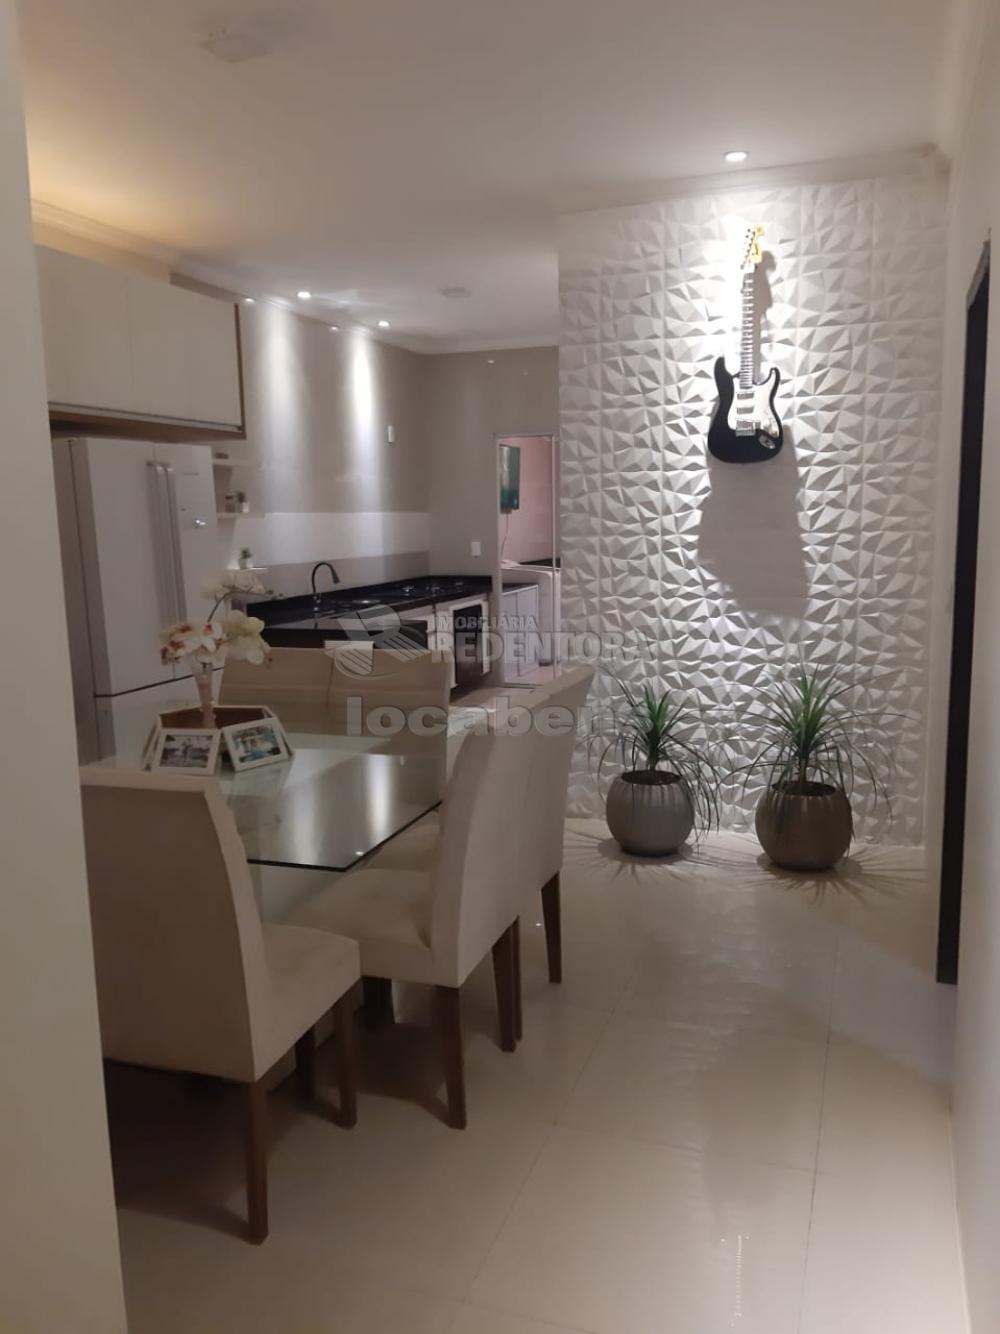 Comprar Casa / Padrão em São José do Rio Preto R$ 340.000,00 - Foto 29